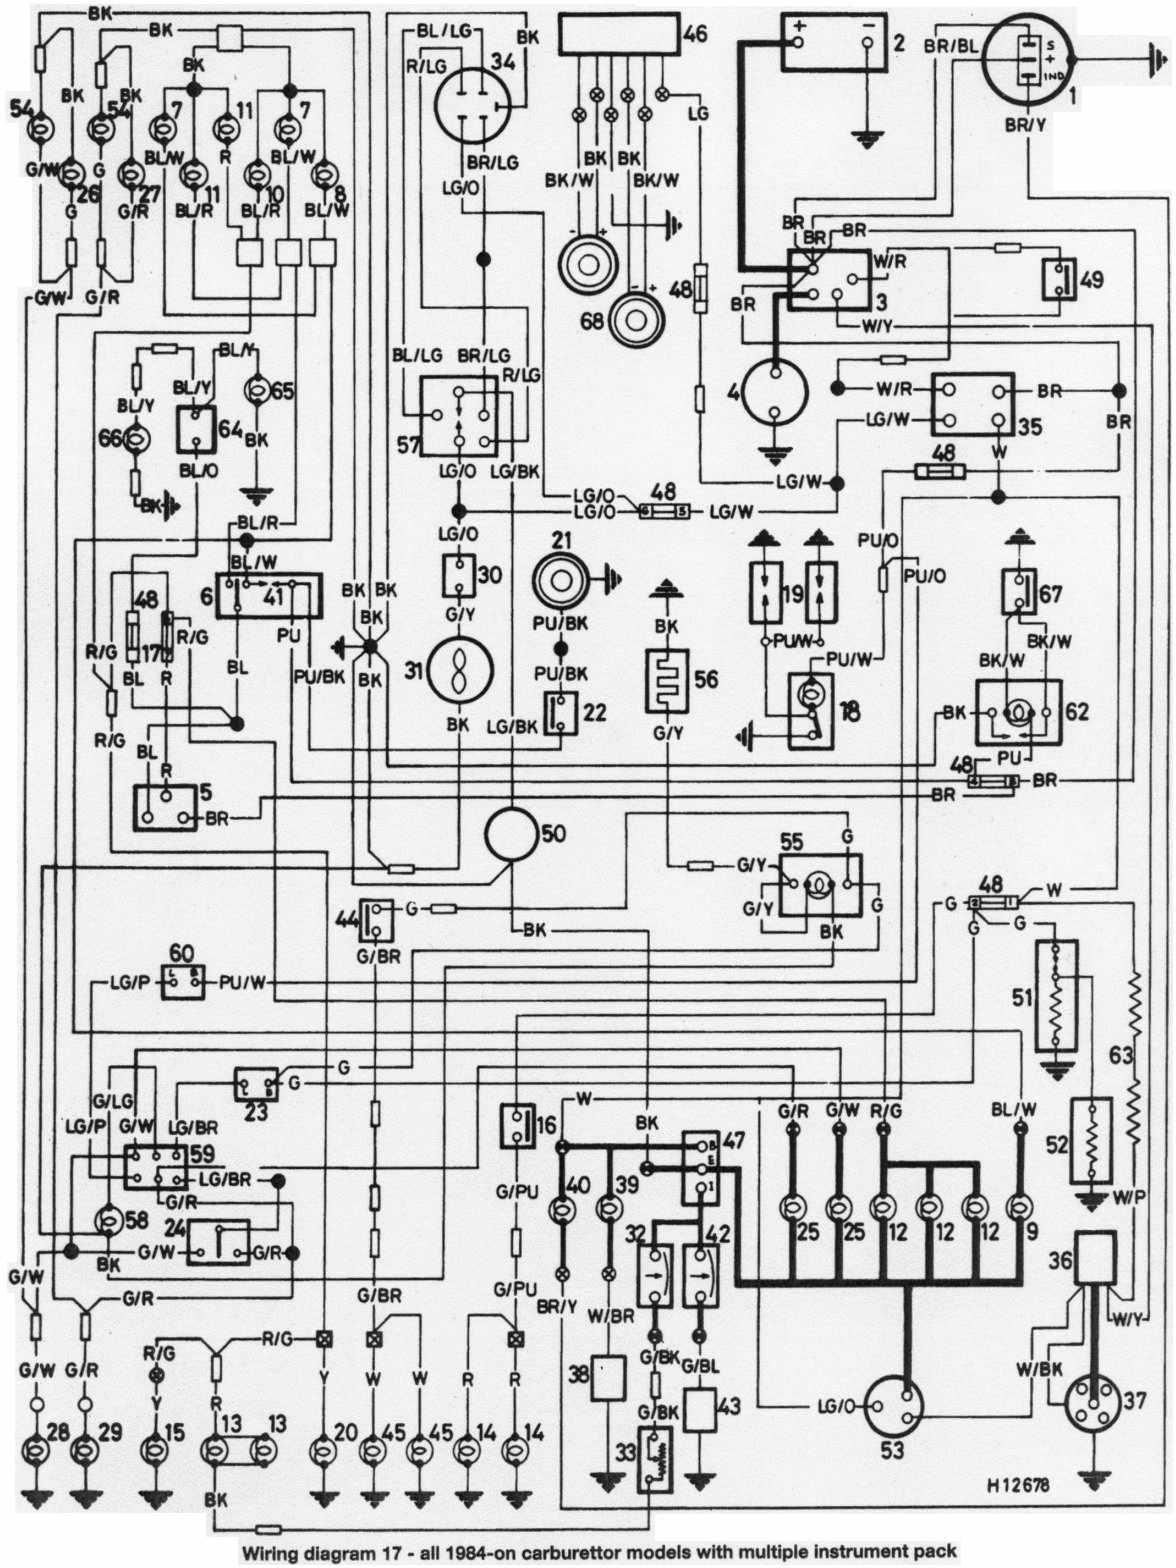 Ford 5000 Wiring Diagram Kgt porter five model